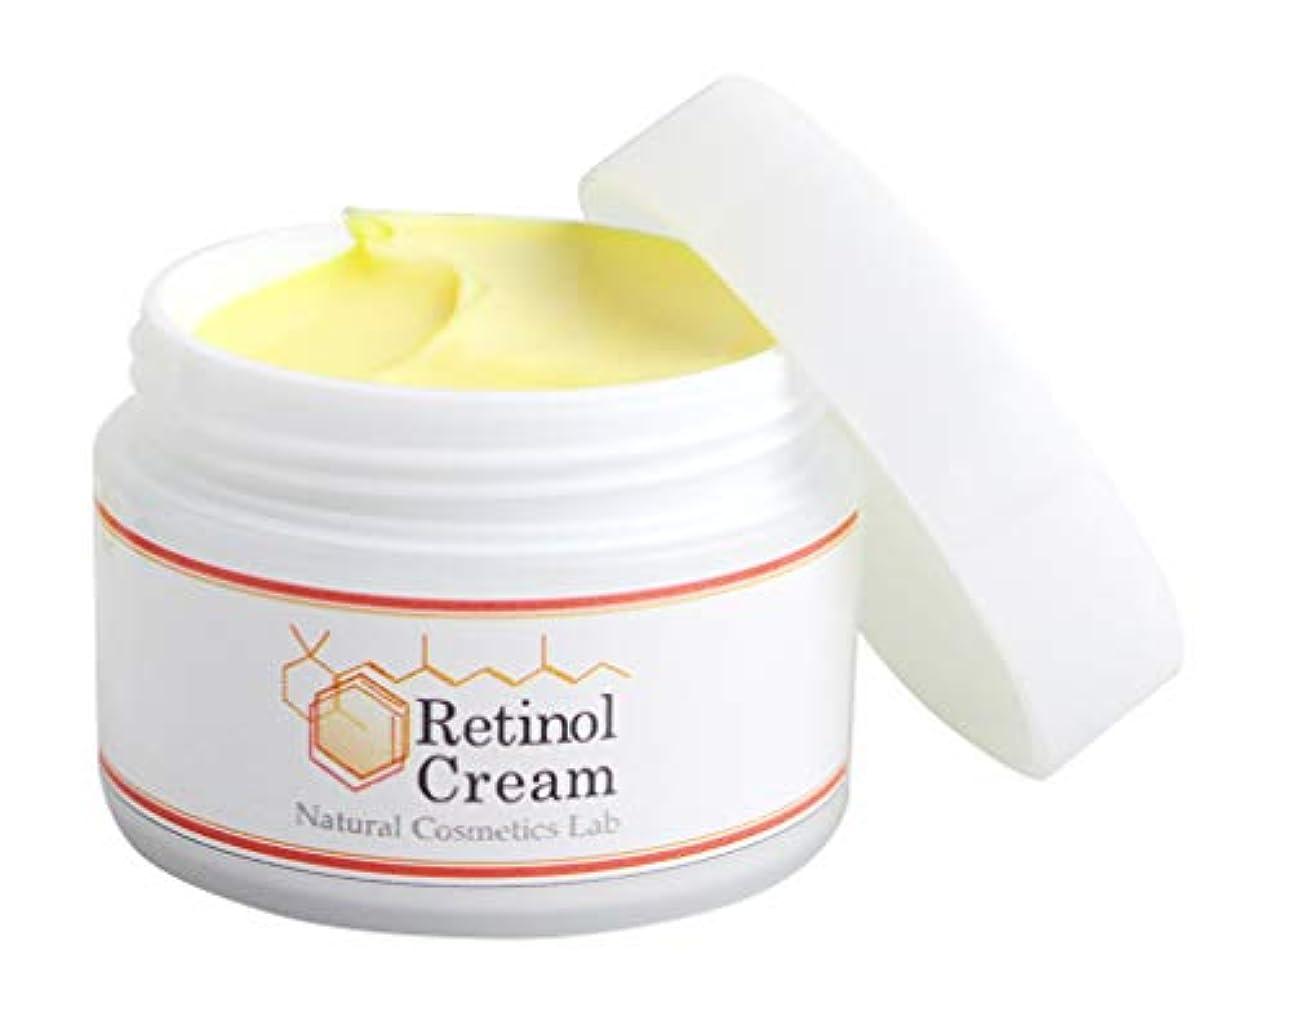 ラビリンス静脈ホラー自然化粧品研究所 レチノールクリーム 35g